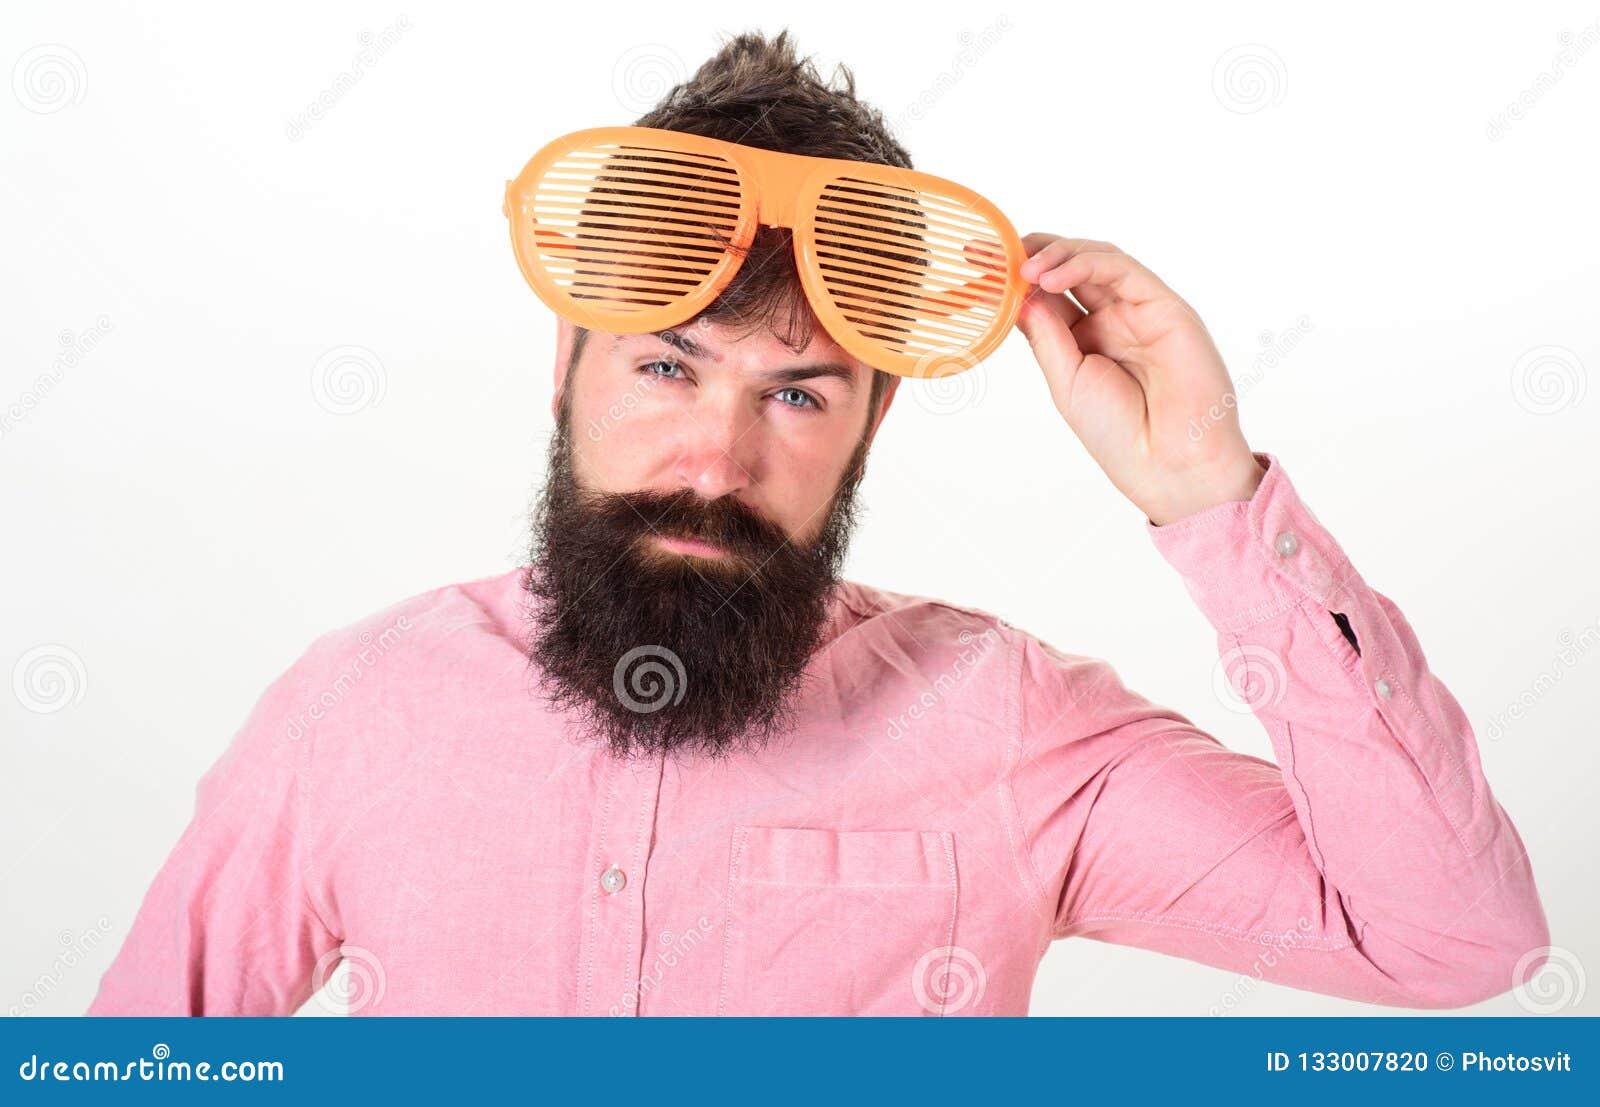 O indivíduo farpado do homem veste óculos de sol louvered gigantes Conceito acessório dos óculos de sol da proteção ocular Atribu